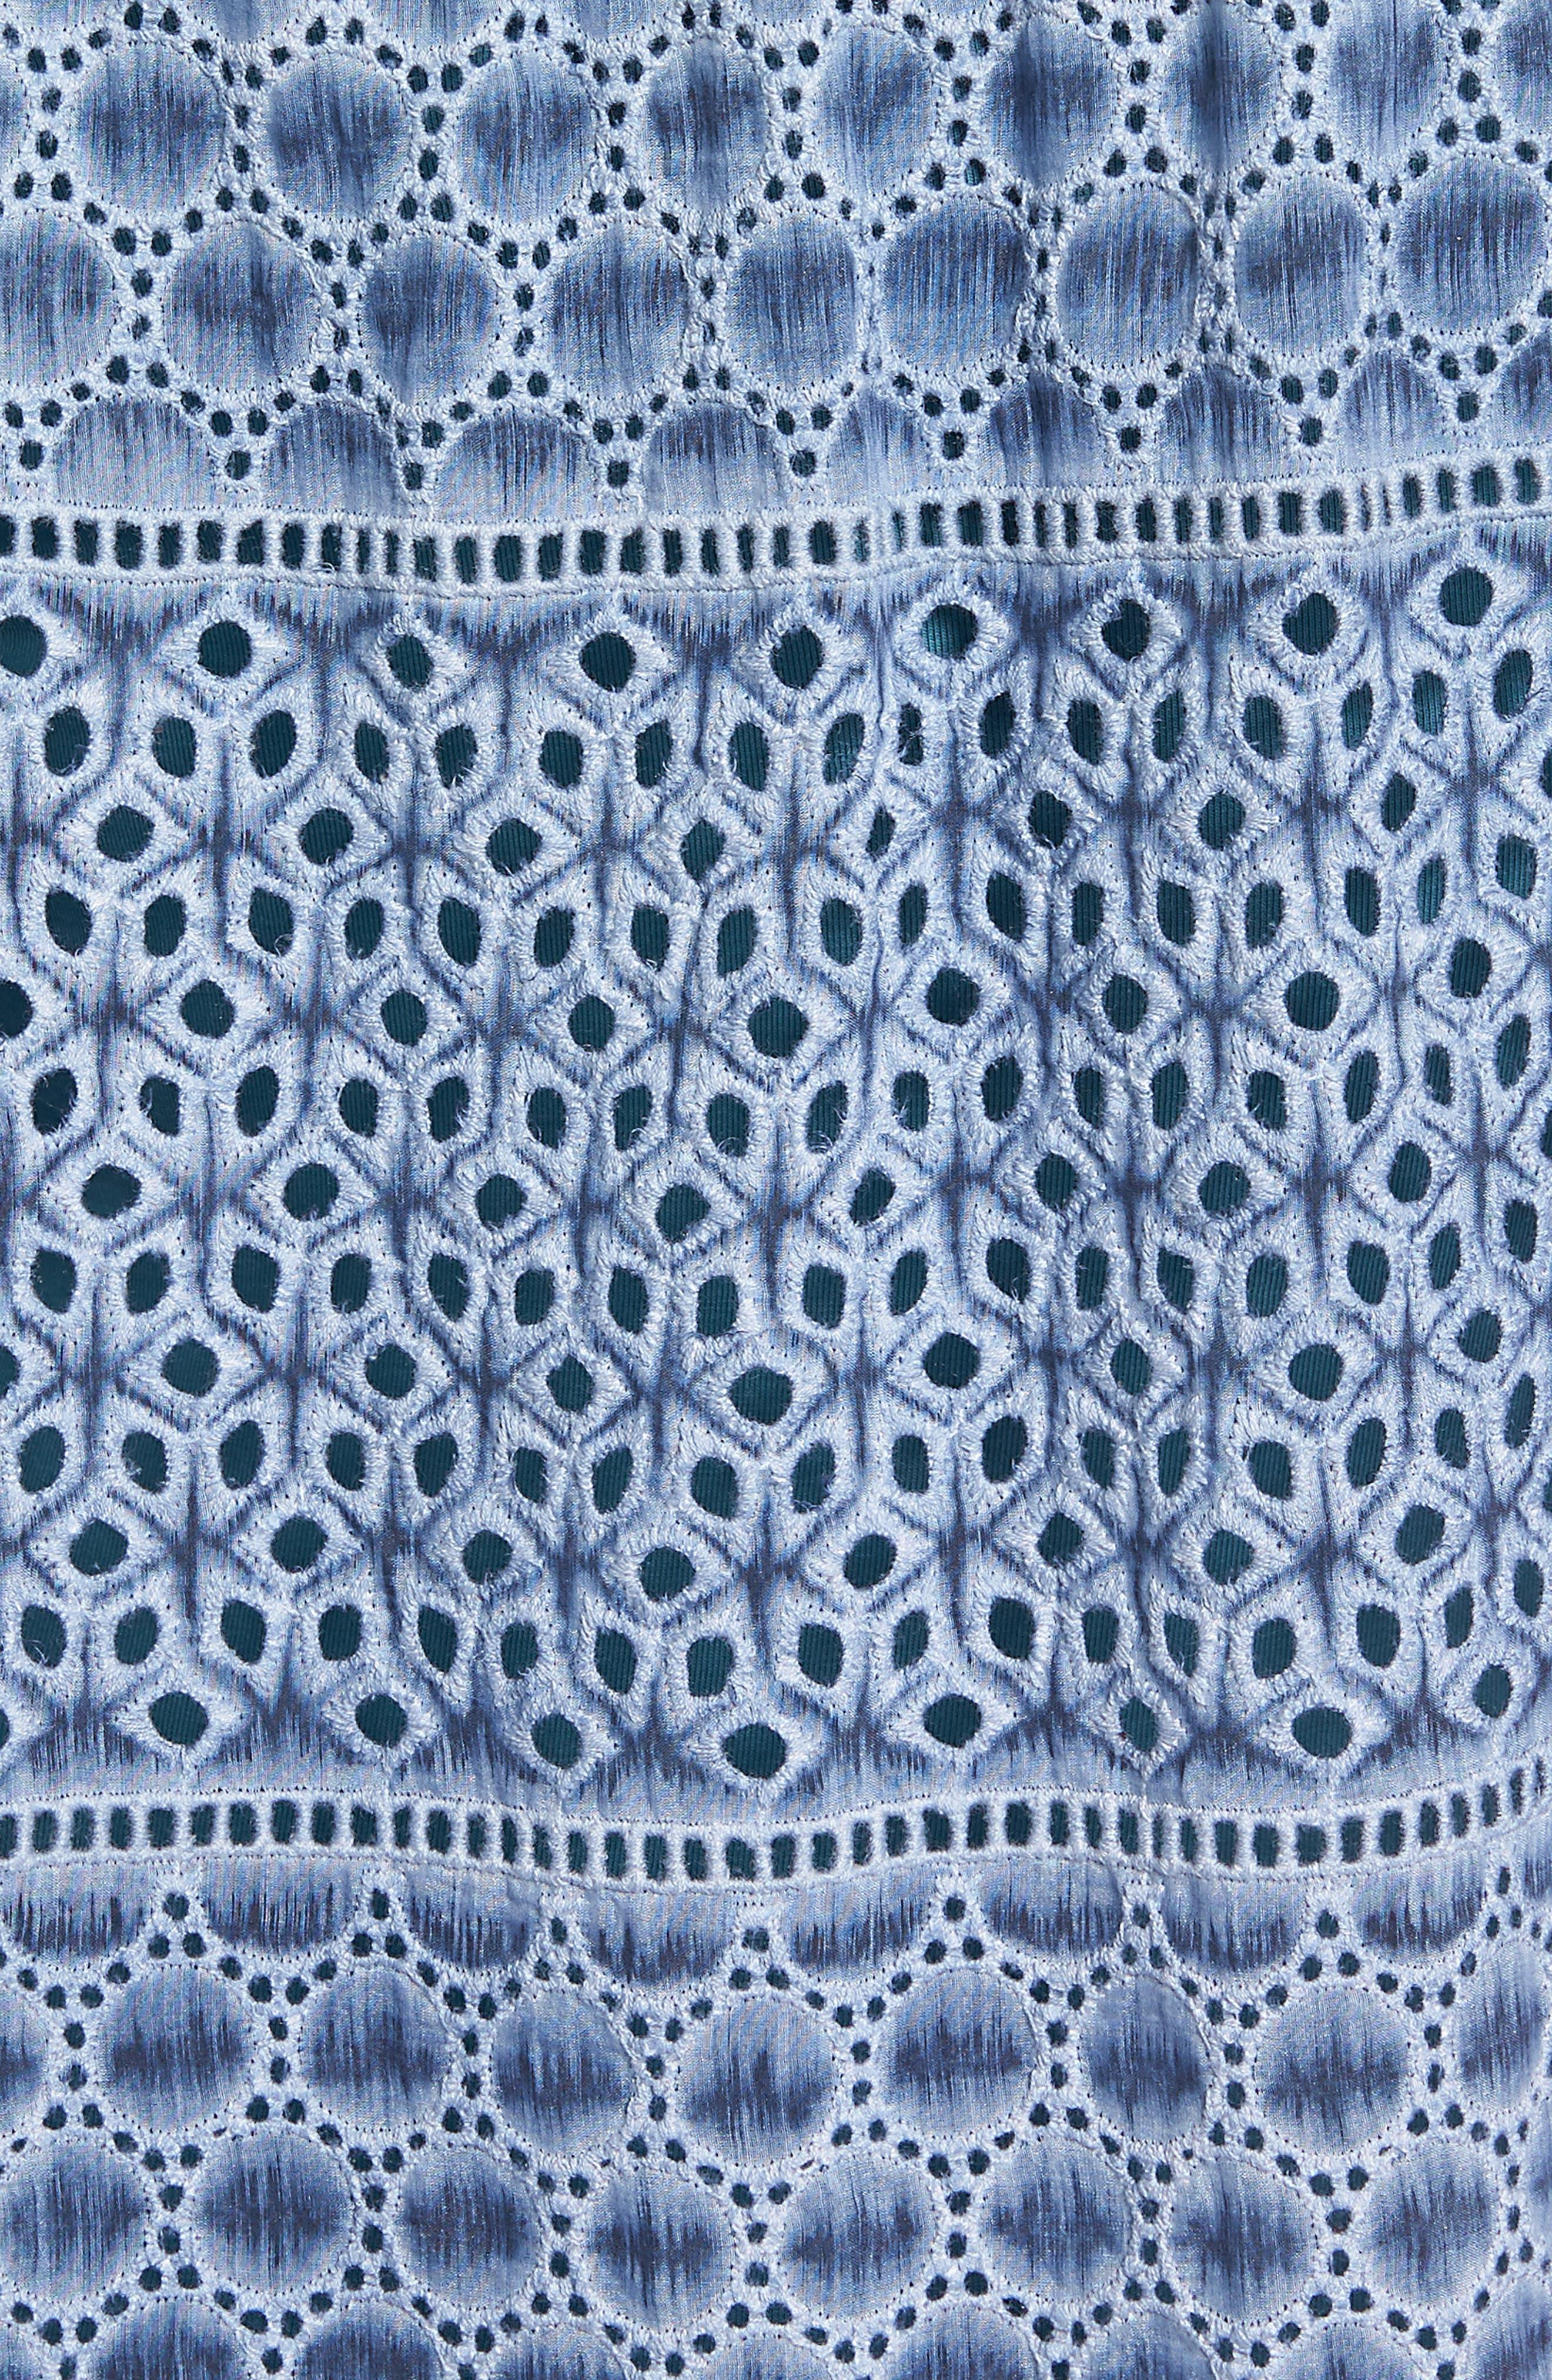 Mosaic Lace Cotton Silk Blouse,                             Alternate thumbnail 5, color,                             Mosaic Blue